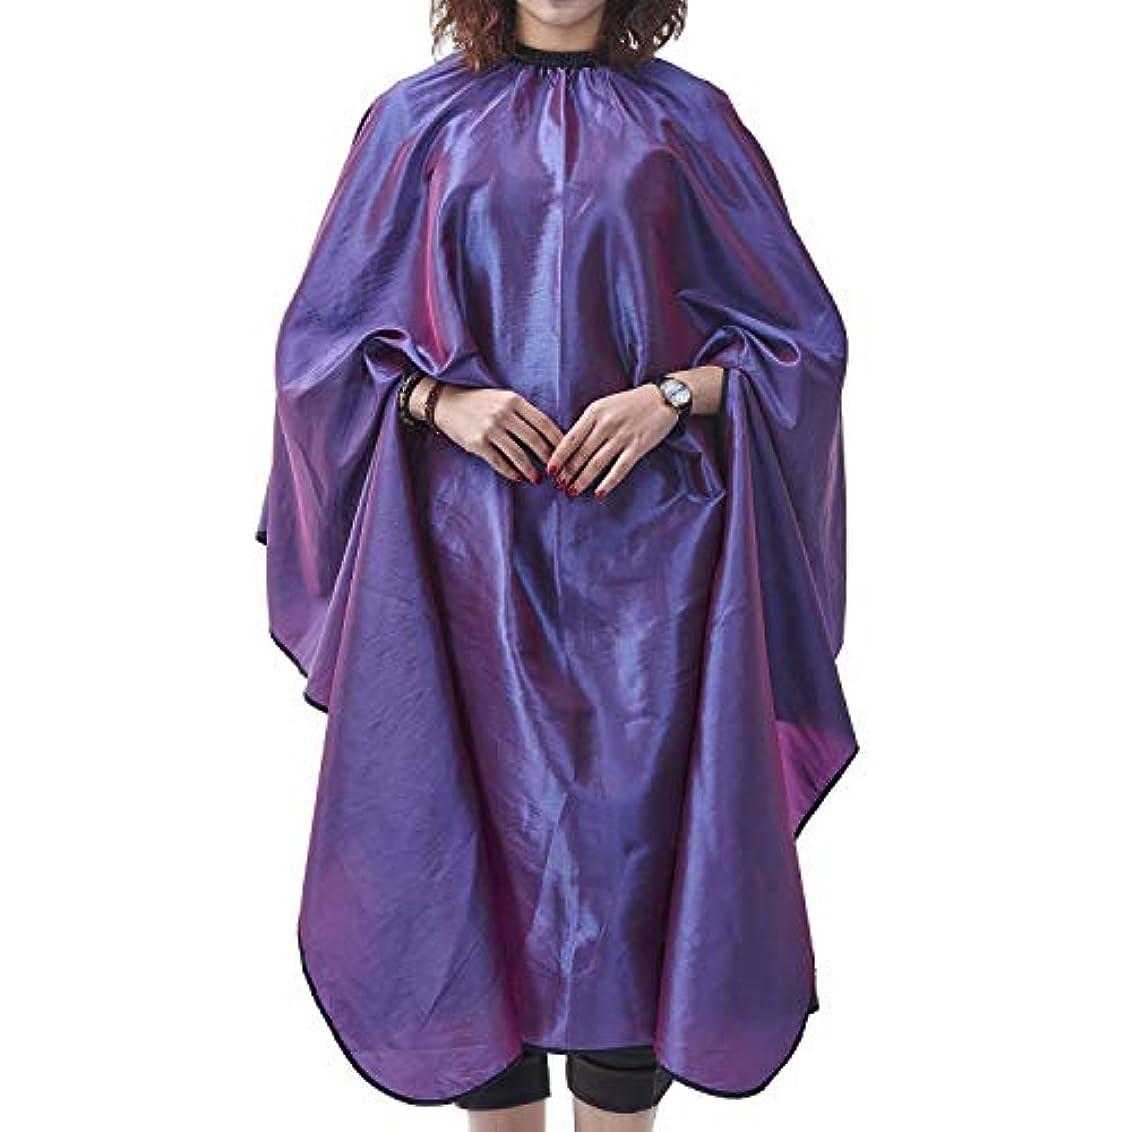 最初に日帰り旅行に教科書HIZLJJ サロンケープエプロンバーバーシャ??ンプーオイルスタイリングヘアカット美容師職業理髪店用品よだれかけ (Color : Purple)